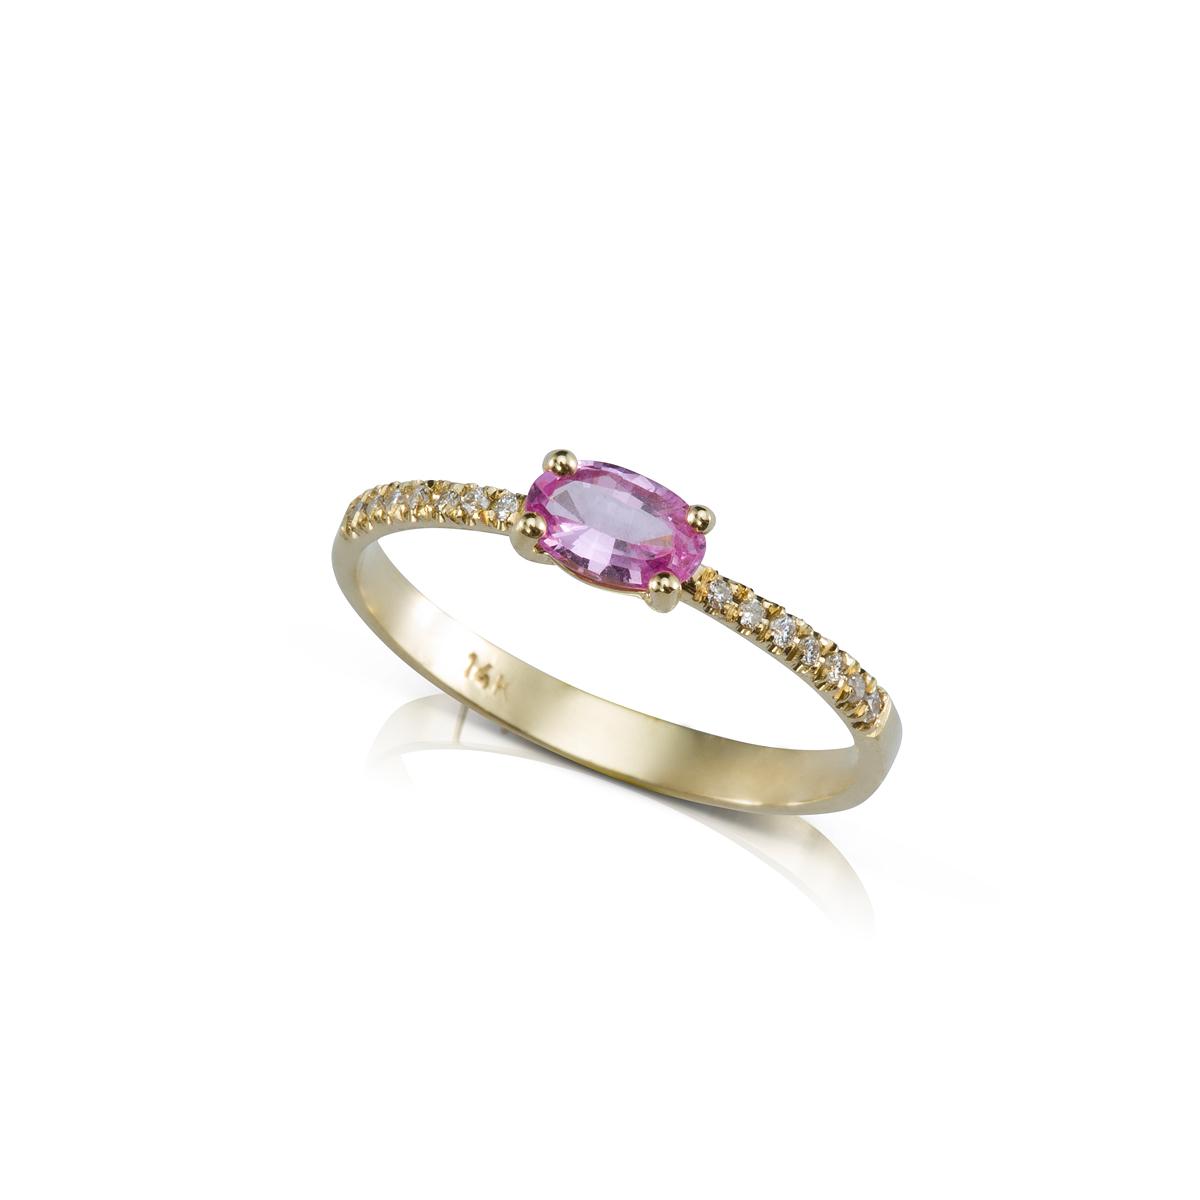 טבעת זהב משובצת ספיר ורוד אובלי ושורת יהלומים בצדדים